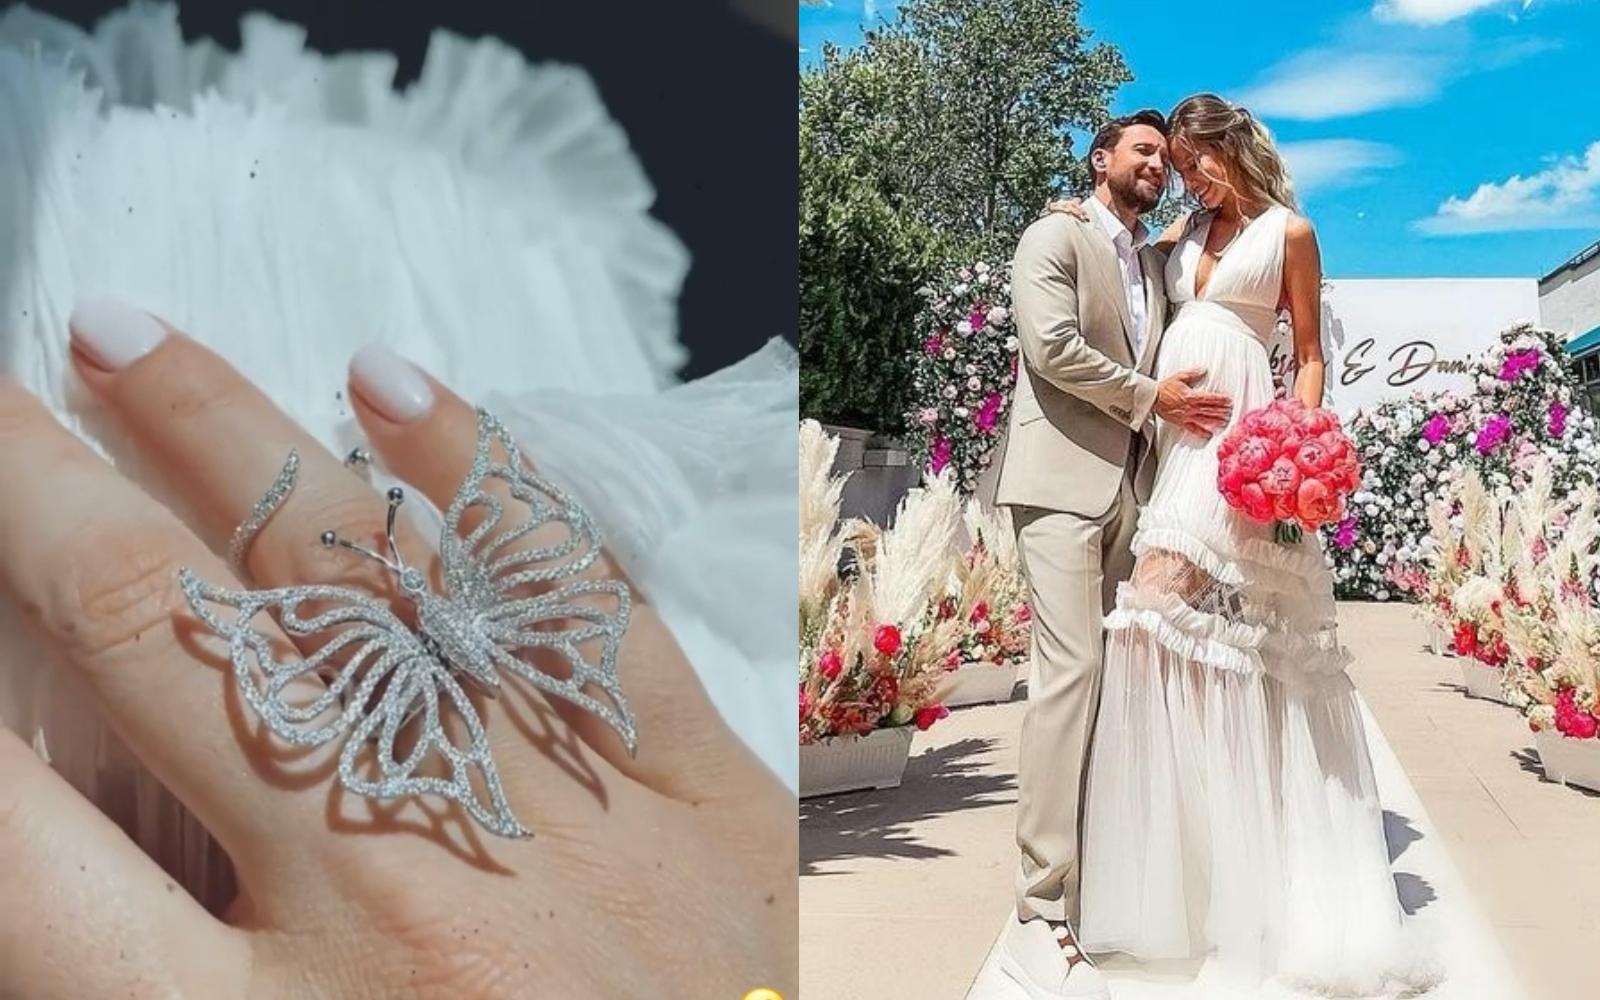 Dani Oțil și Gabriela Prisăcariu s-au căsătorit! Primele imagini de la eveniment